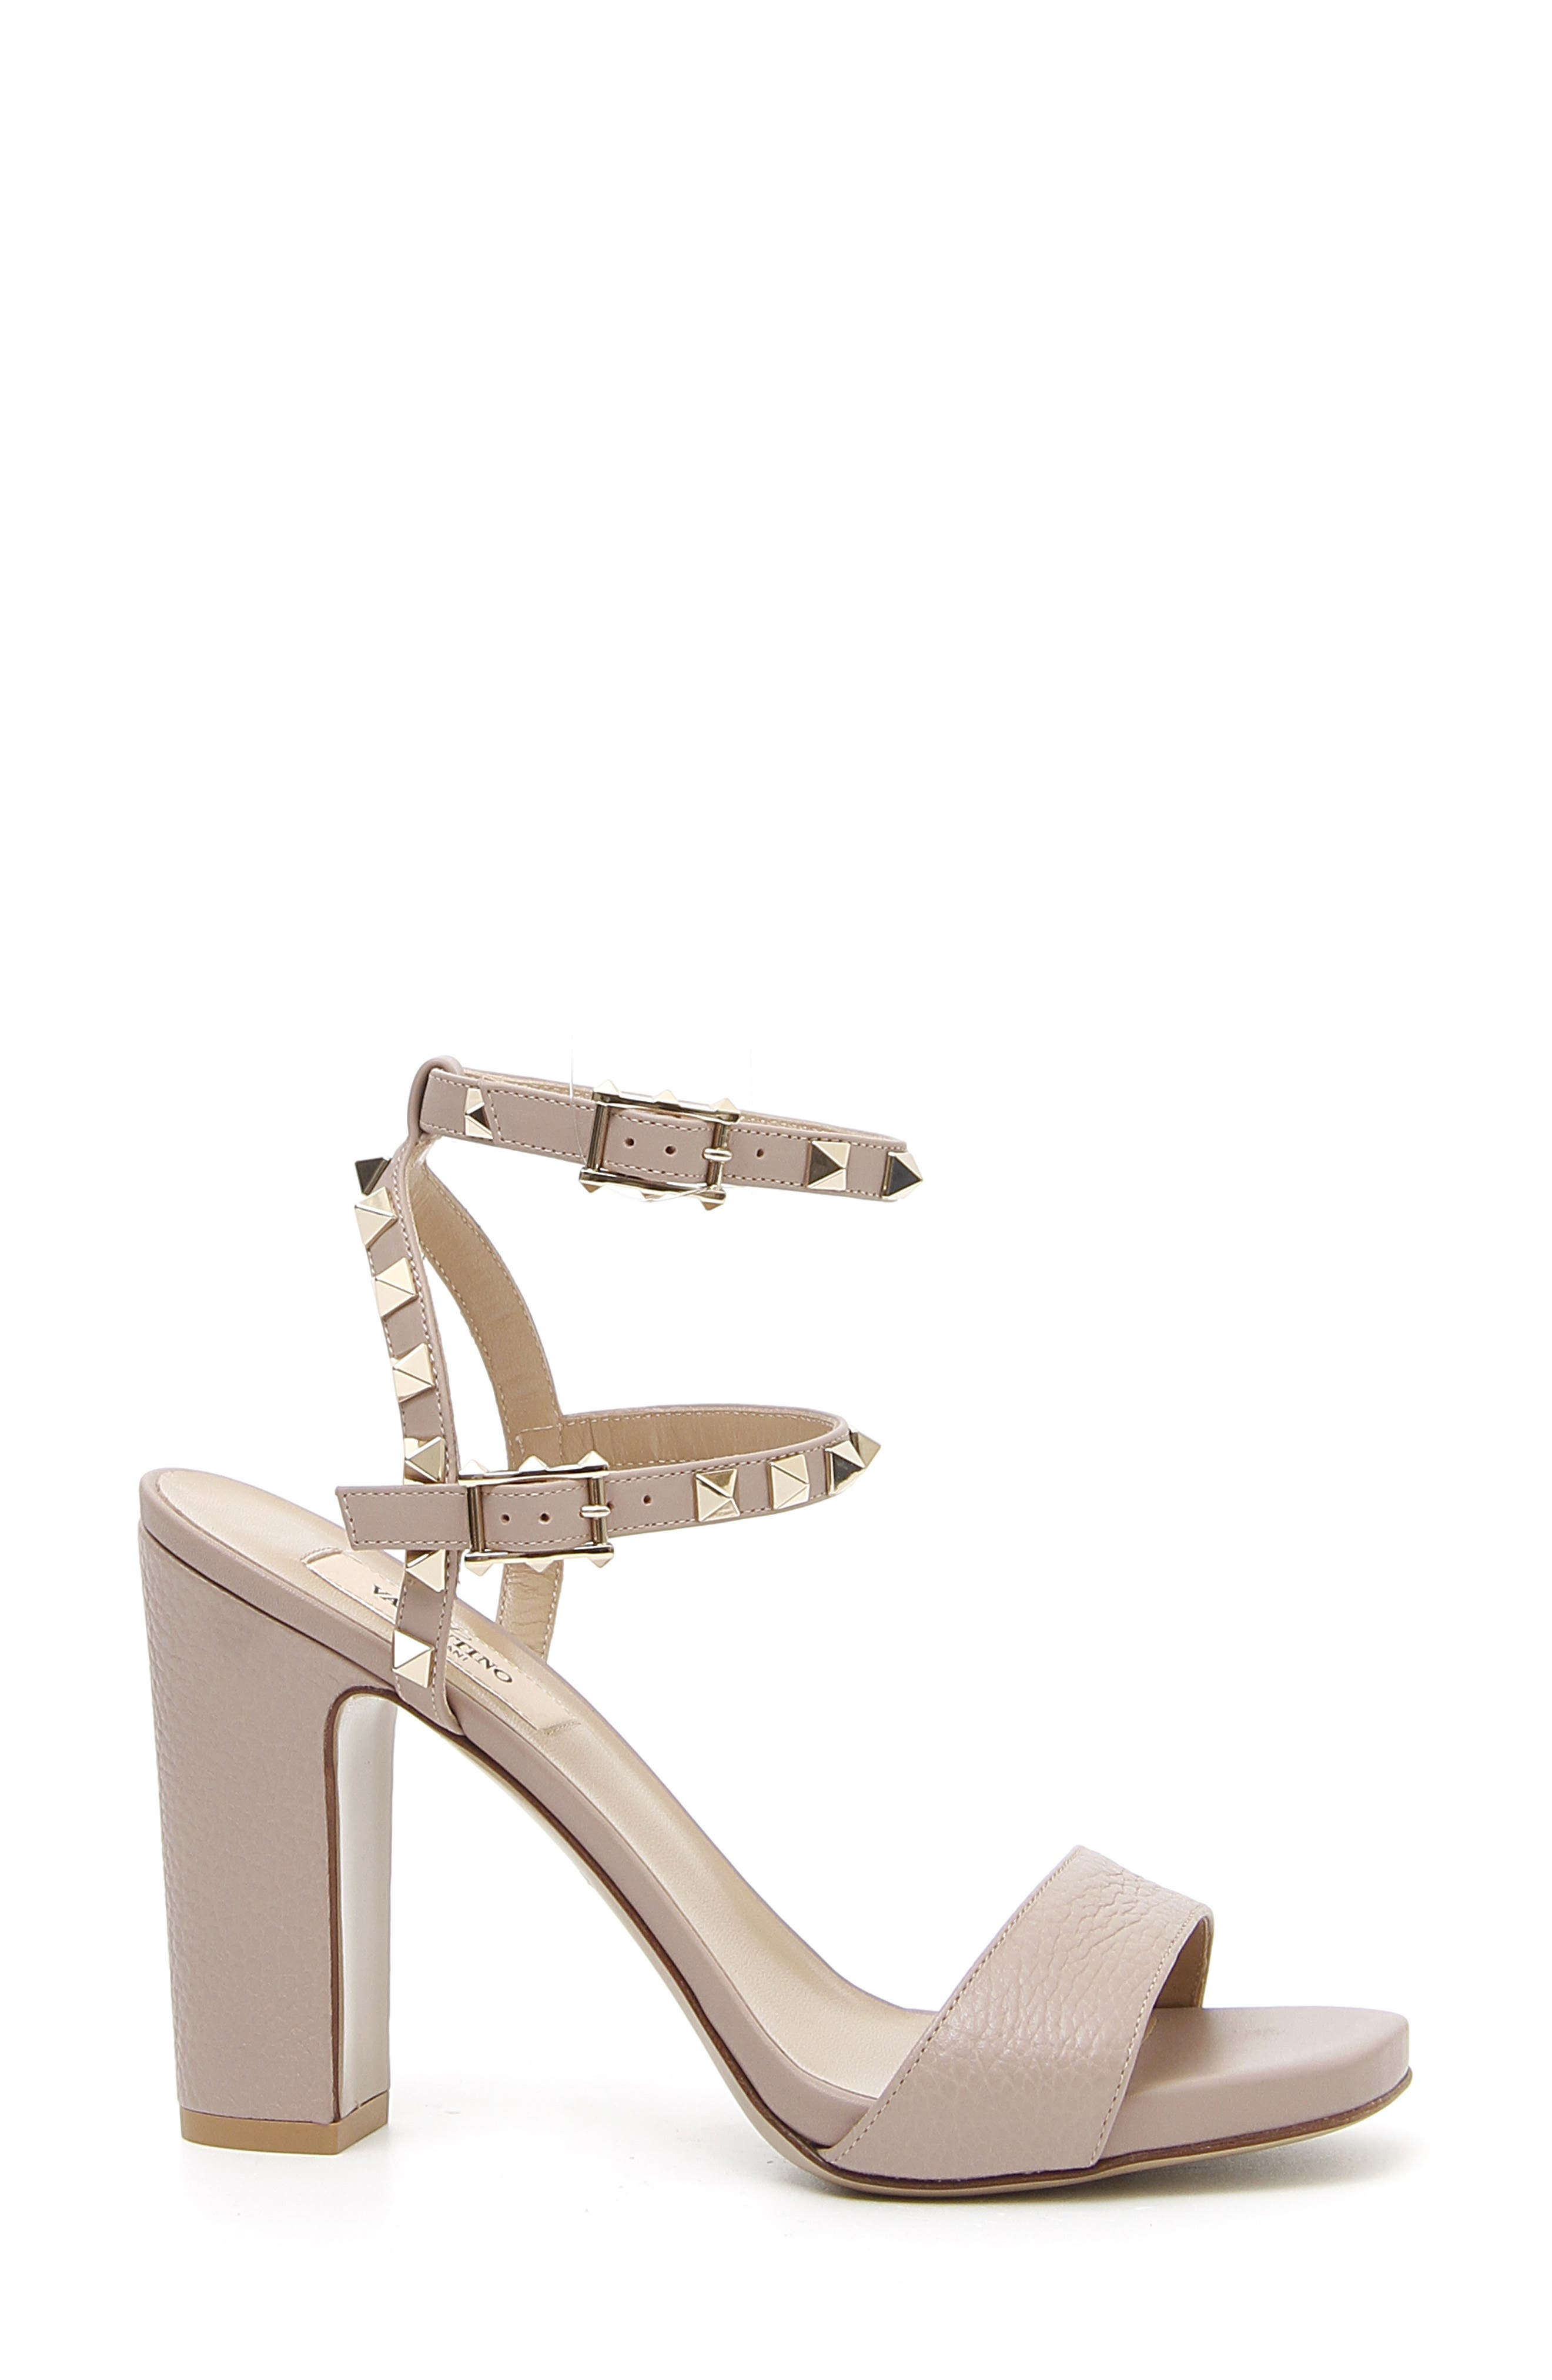 Rockstud Ankle Strap Sandal,                         Main,                         color, POUDRE